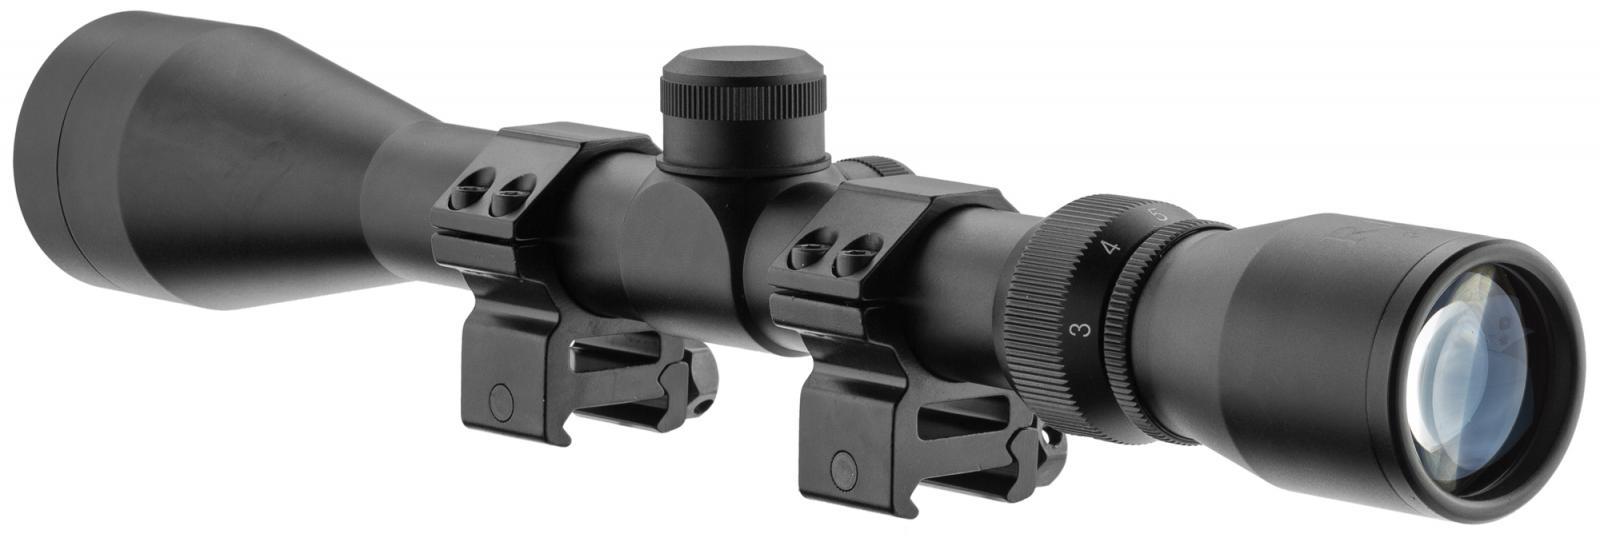 Lunette de tir RTI 3-9x40 avec montage rail 21 mm